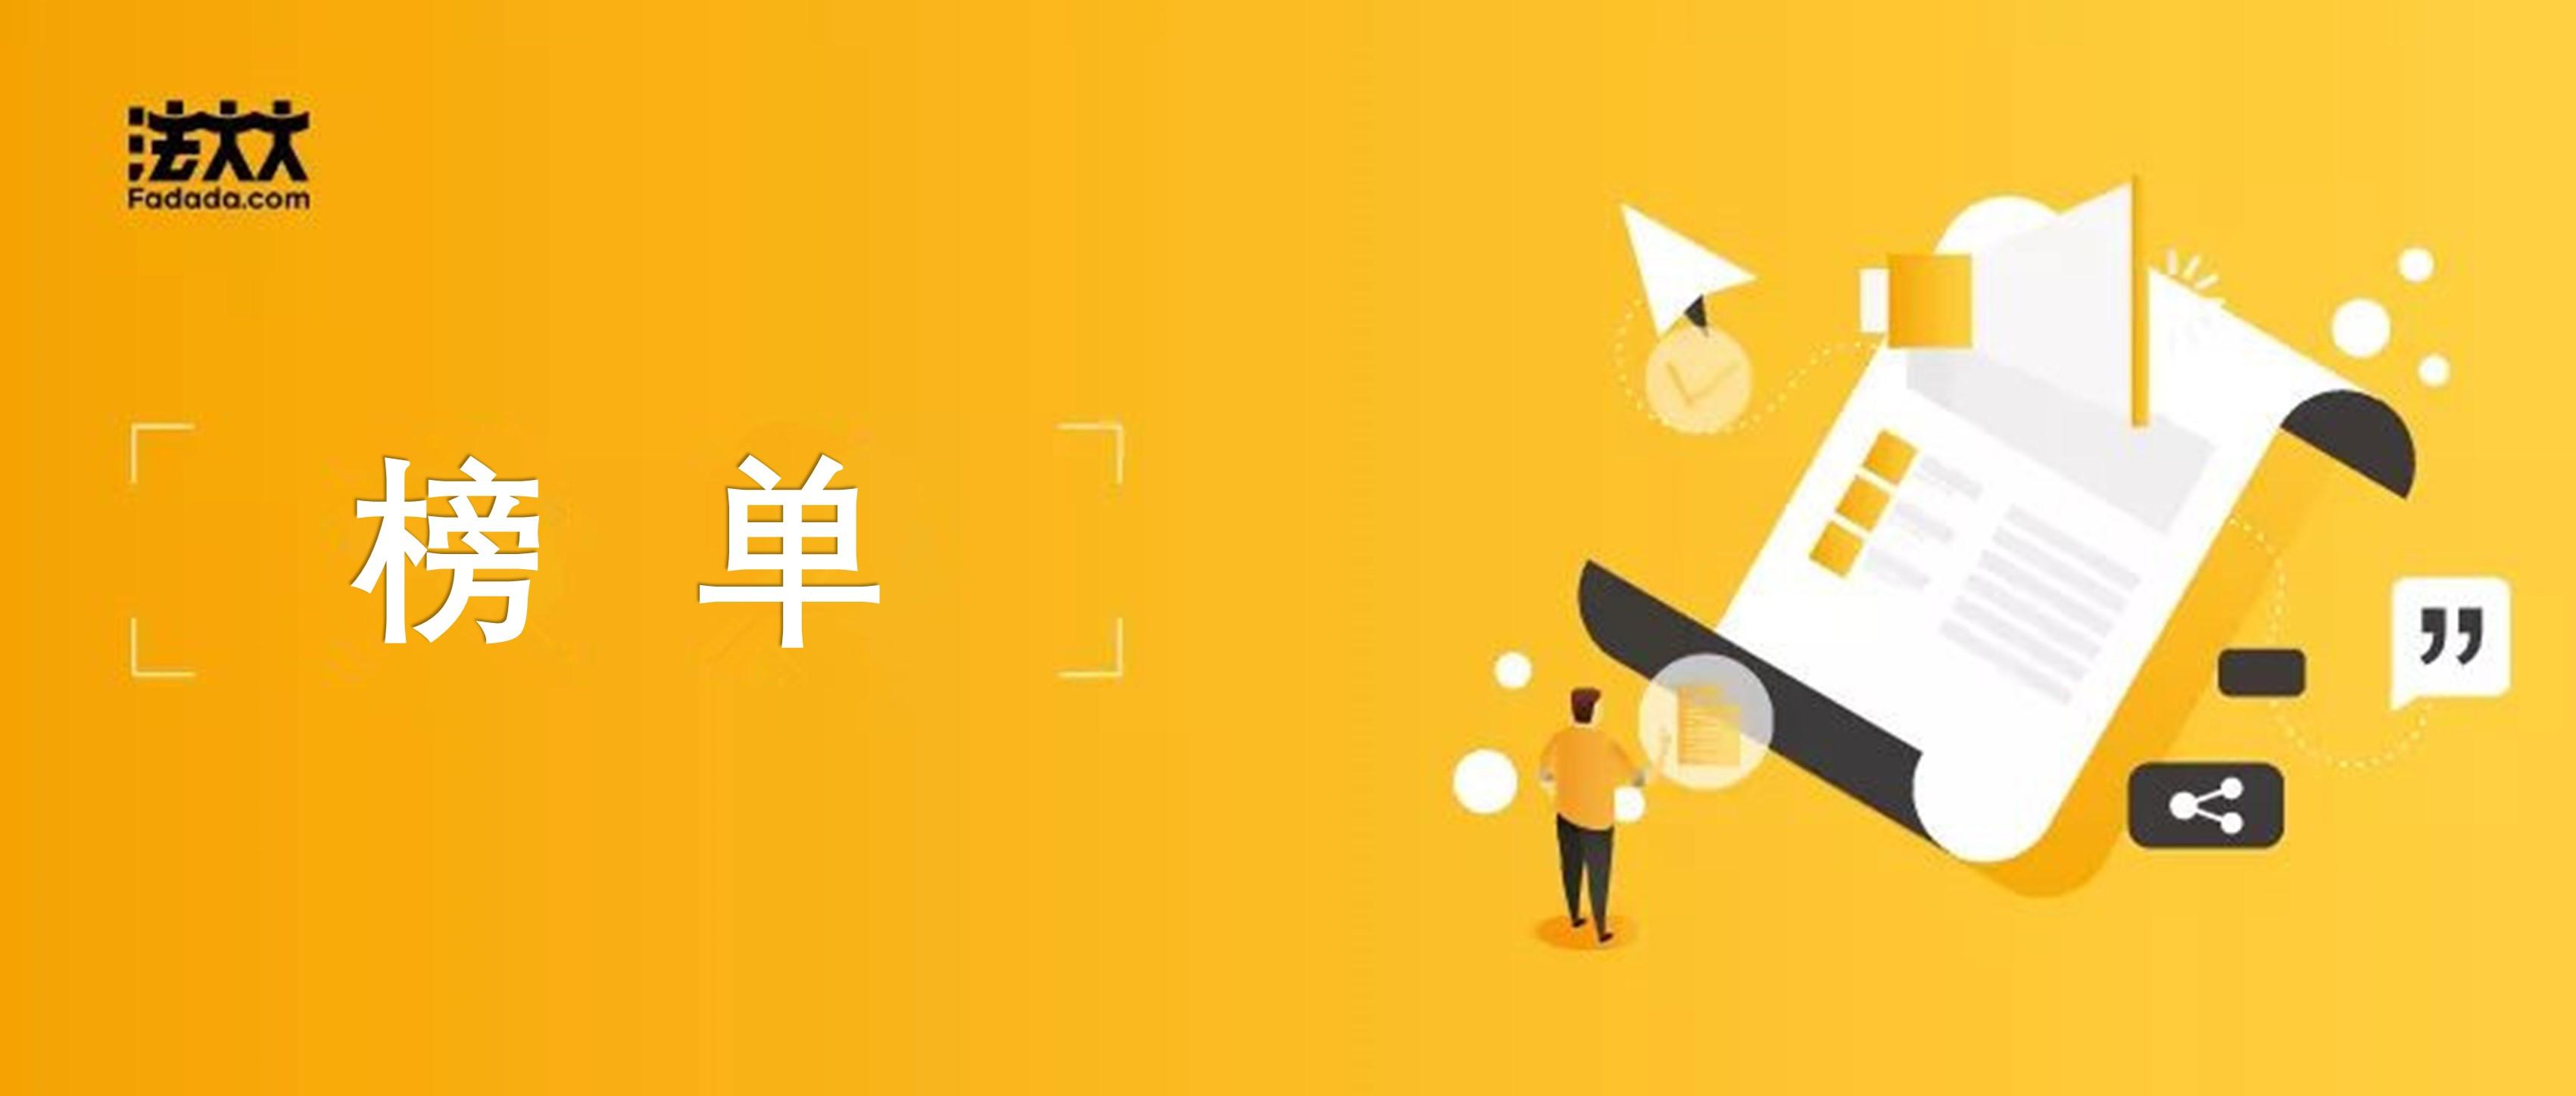 2019产业互联网产业独角兽榜发布,法大大实力登榜!